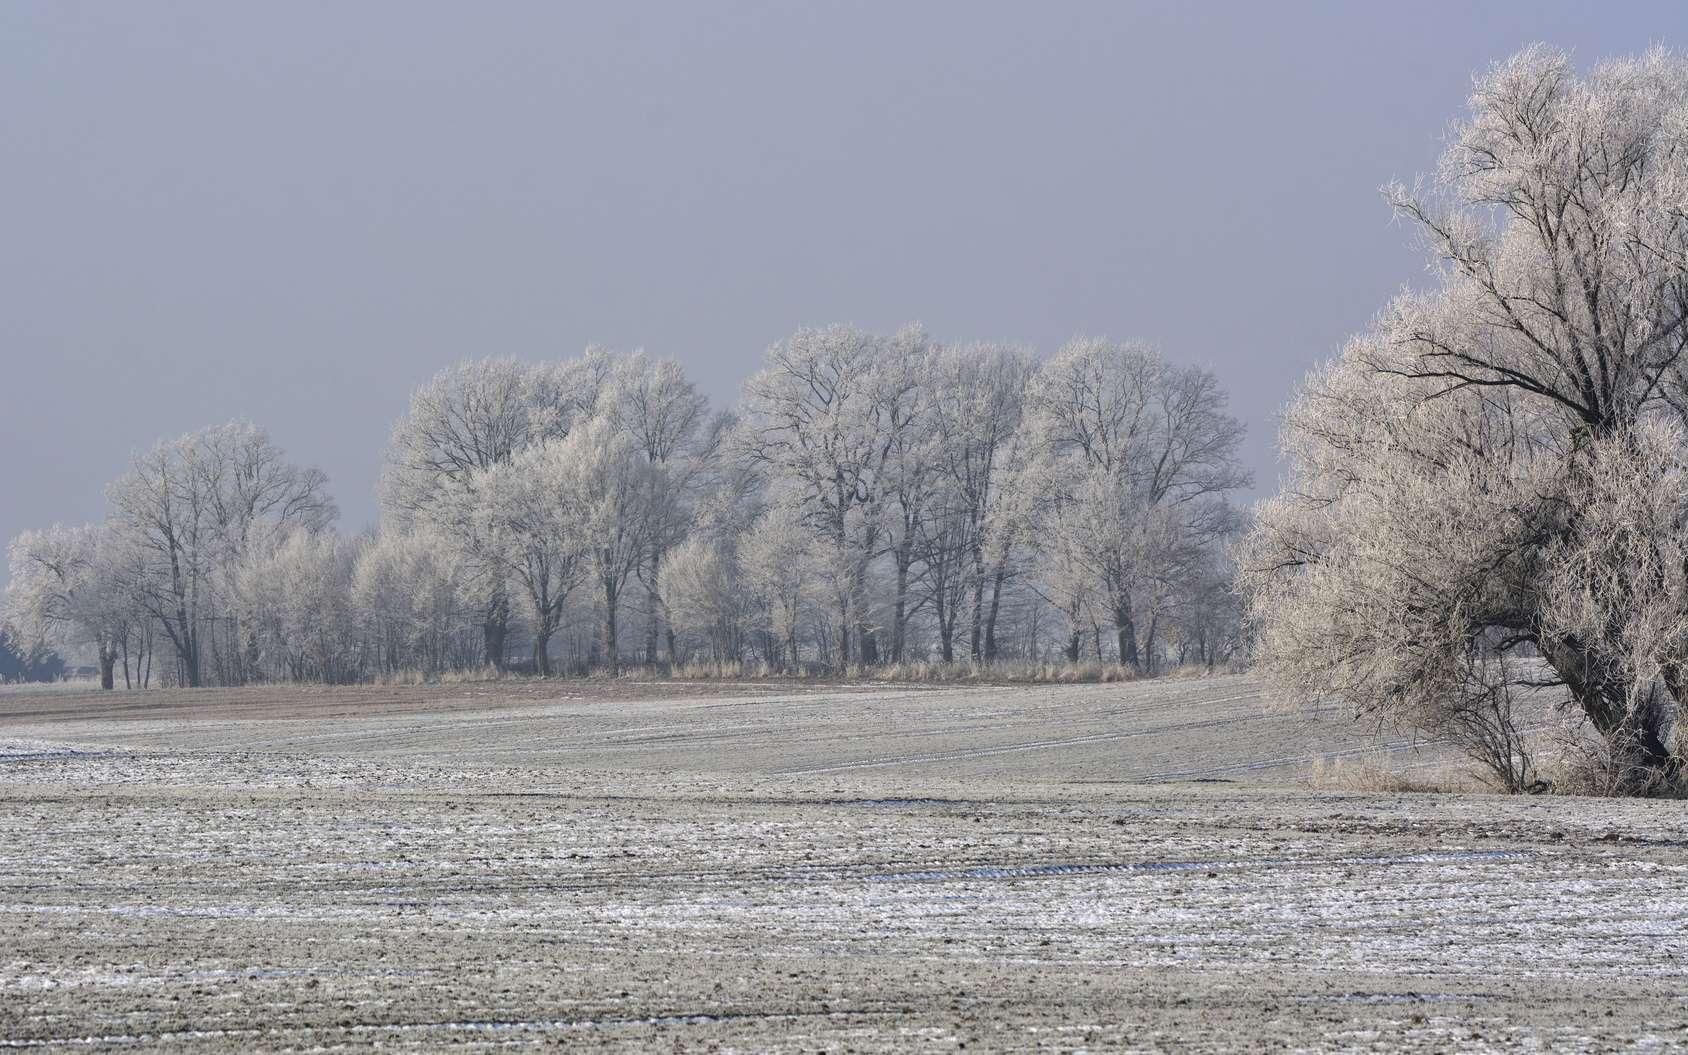 En période de grand froid, mieux vaut suivre quelques conseils pour limiter la consommation d'énergie. © ezp, Fotolia